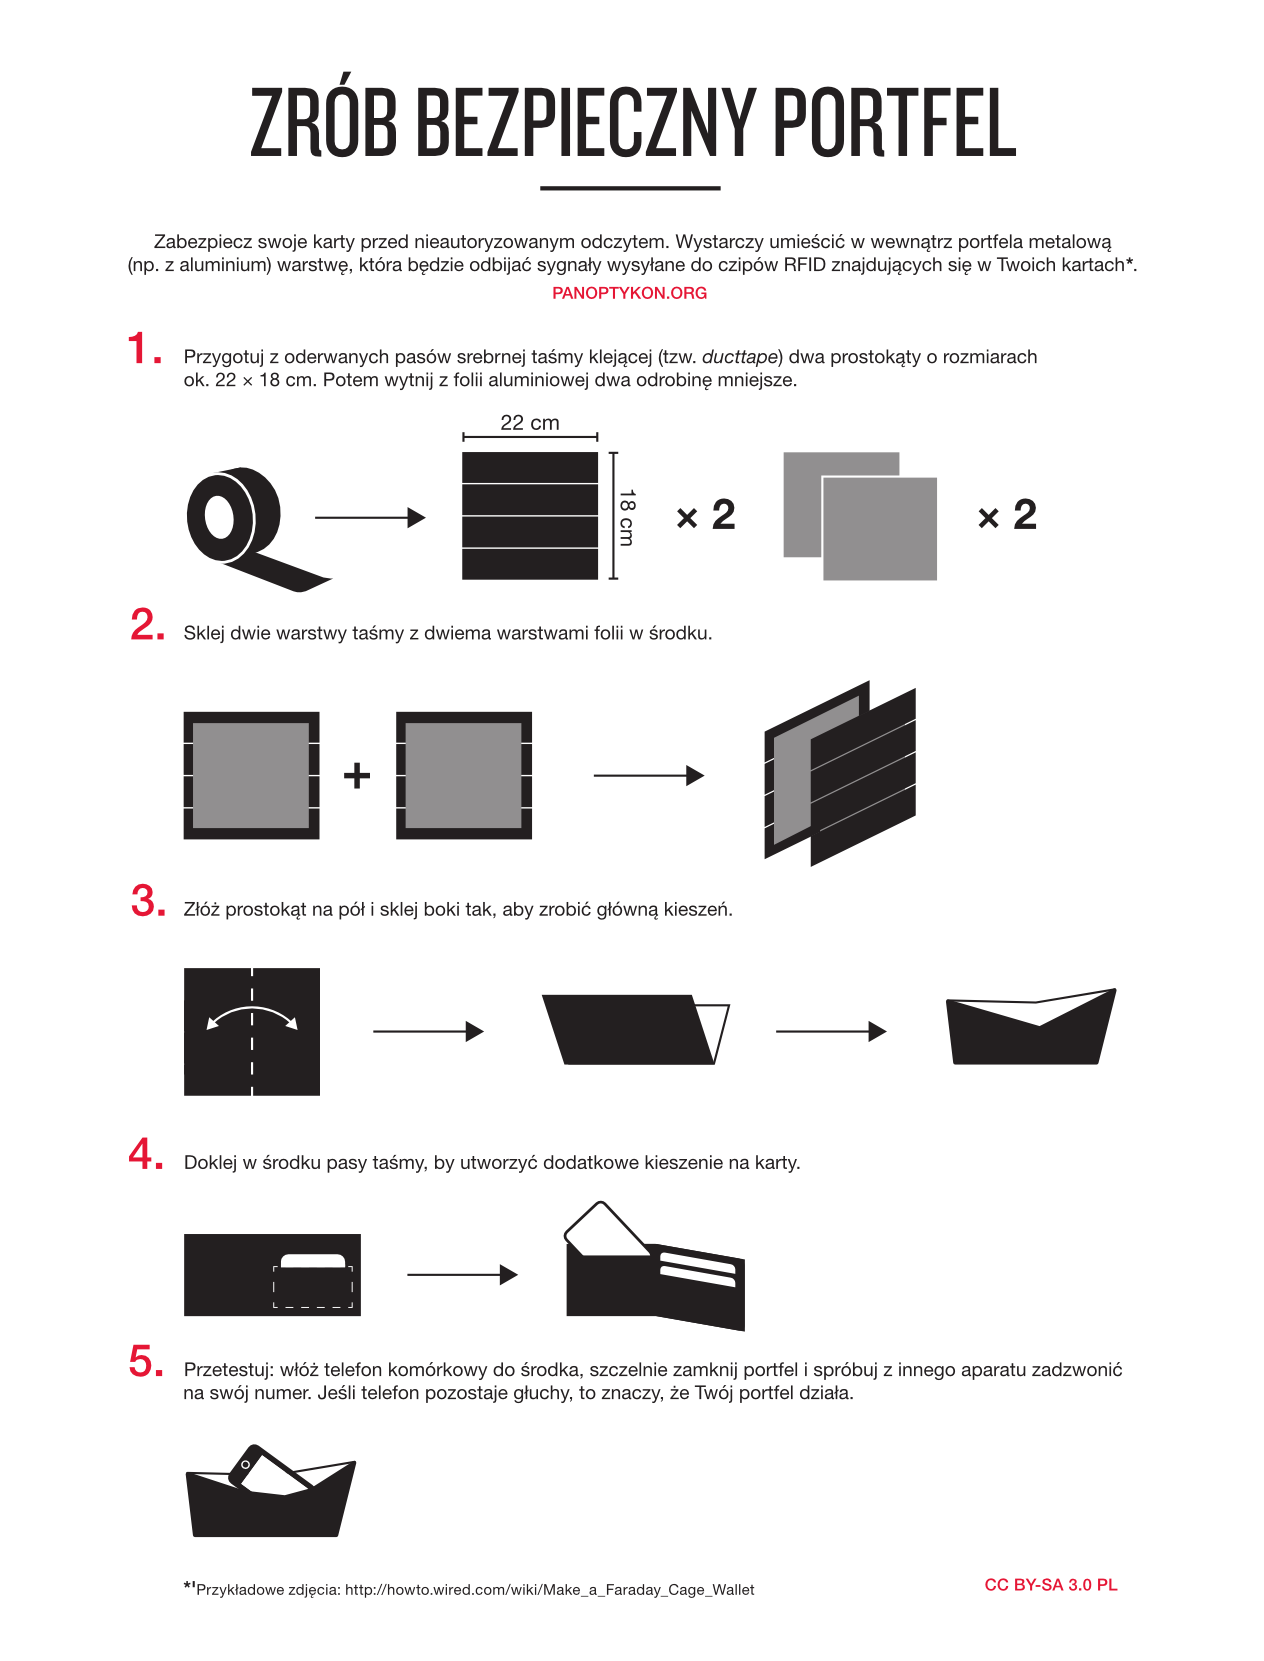 Instrukcja przygotowania własnoręcznie portfela z ekranowaniem dla kart z czipami RFID.